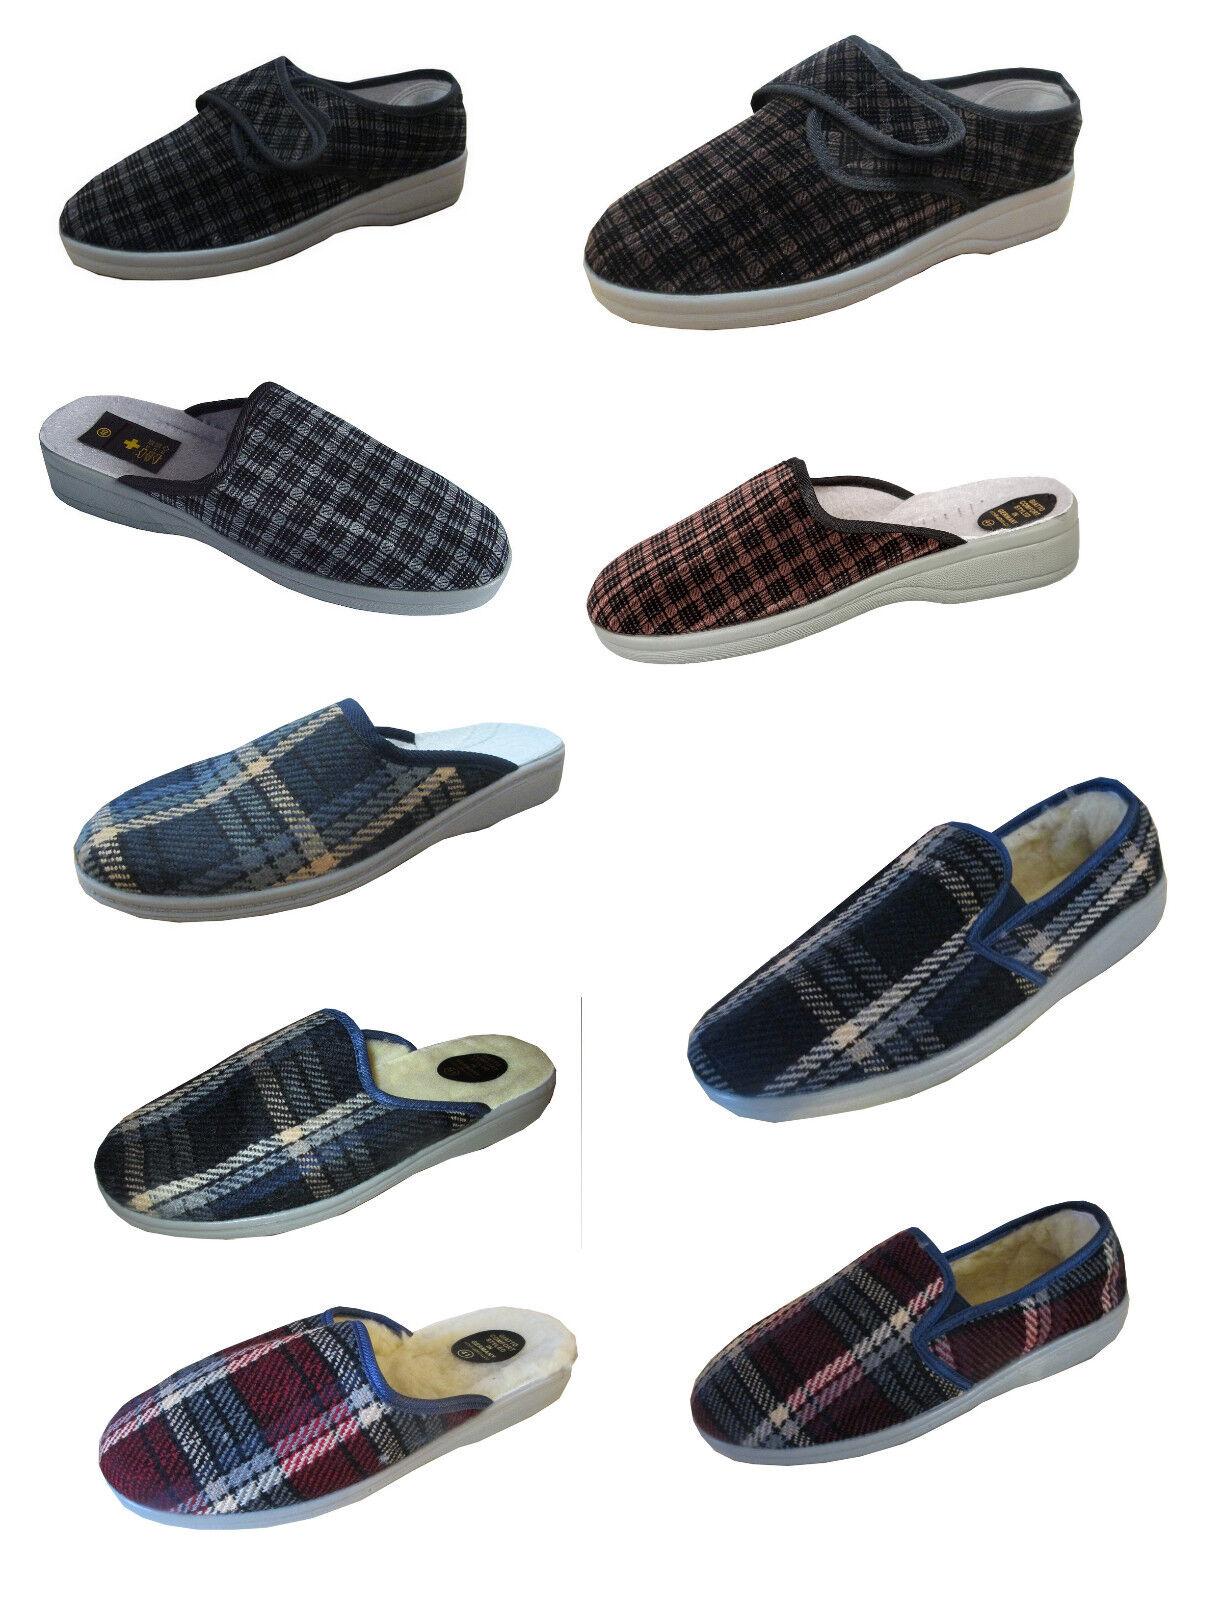 Herren Pantoffeln Hausschuhe Schlappen Latschen neu Winter warm Pusche Gr.40-46